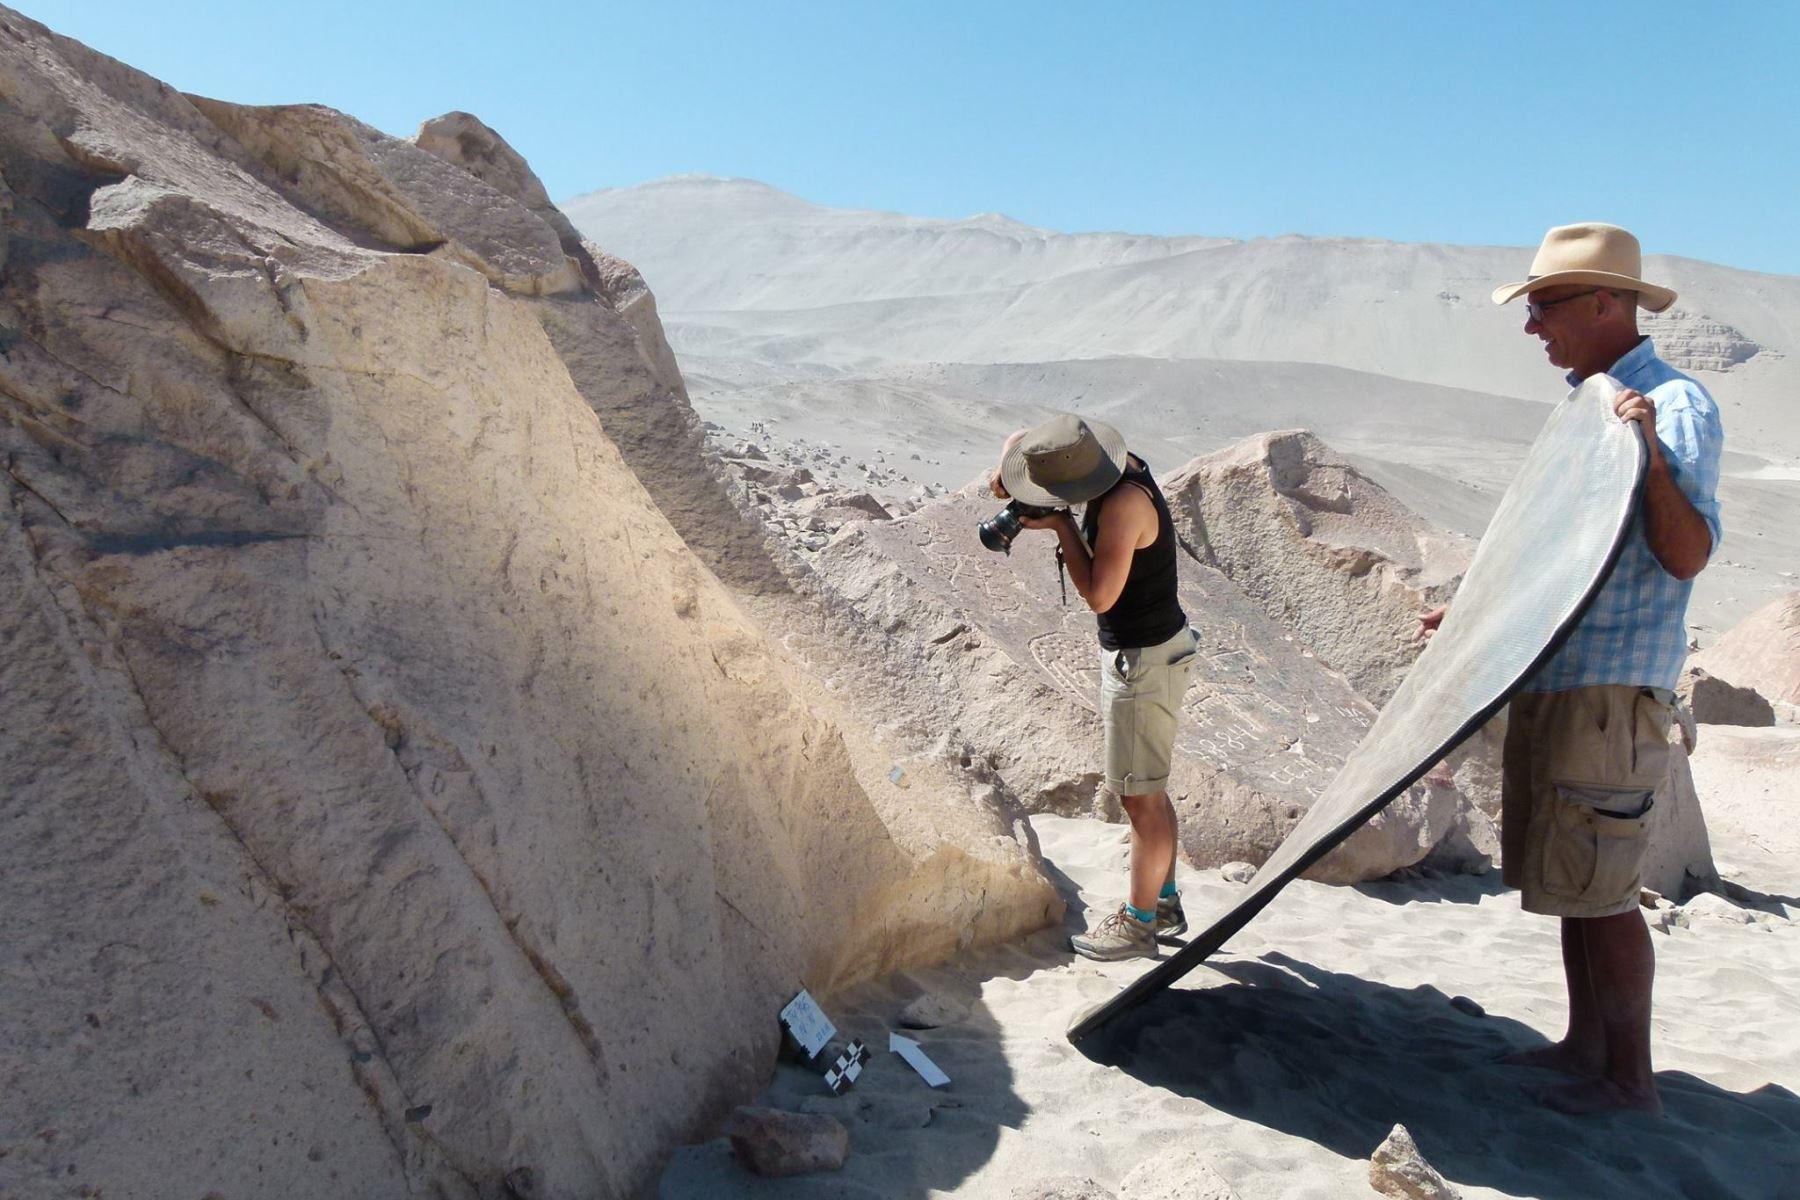 Arqueólogos de Perú y Polonia realizan trabajos de investigación en petroglifos de Toro Muerto, ubicado en la provincia de Castilla, en Arequipa. Foto: Equipo de Investigación Arqueológica Toro Muerto